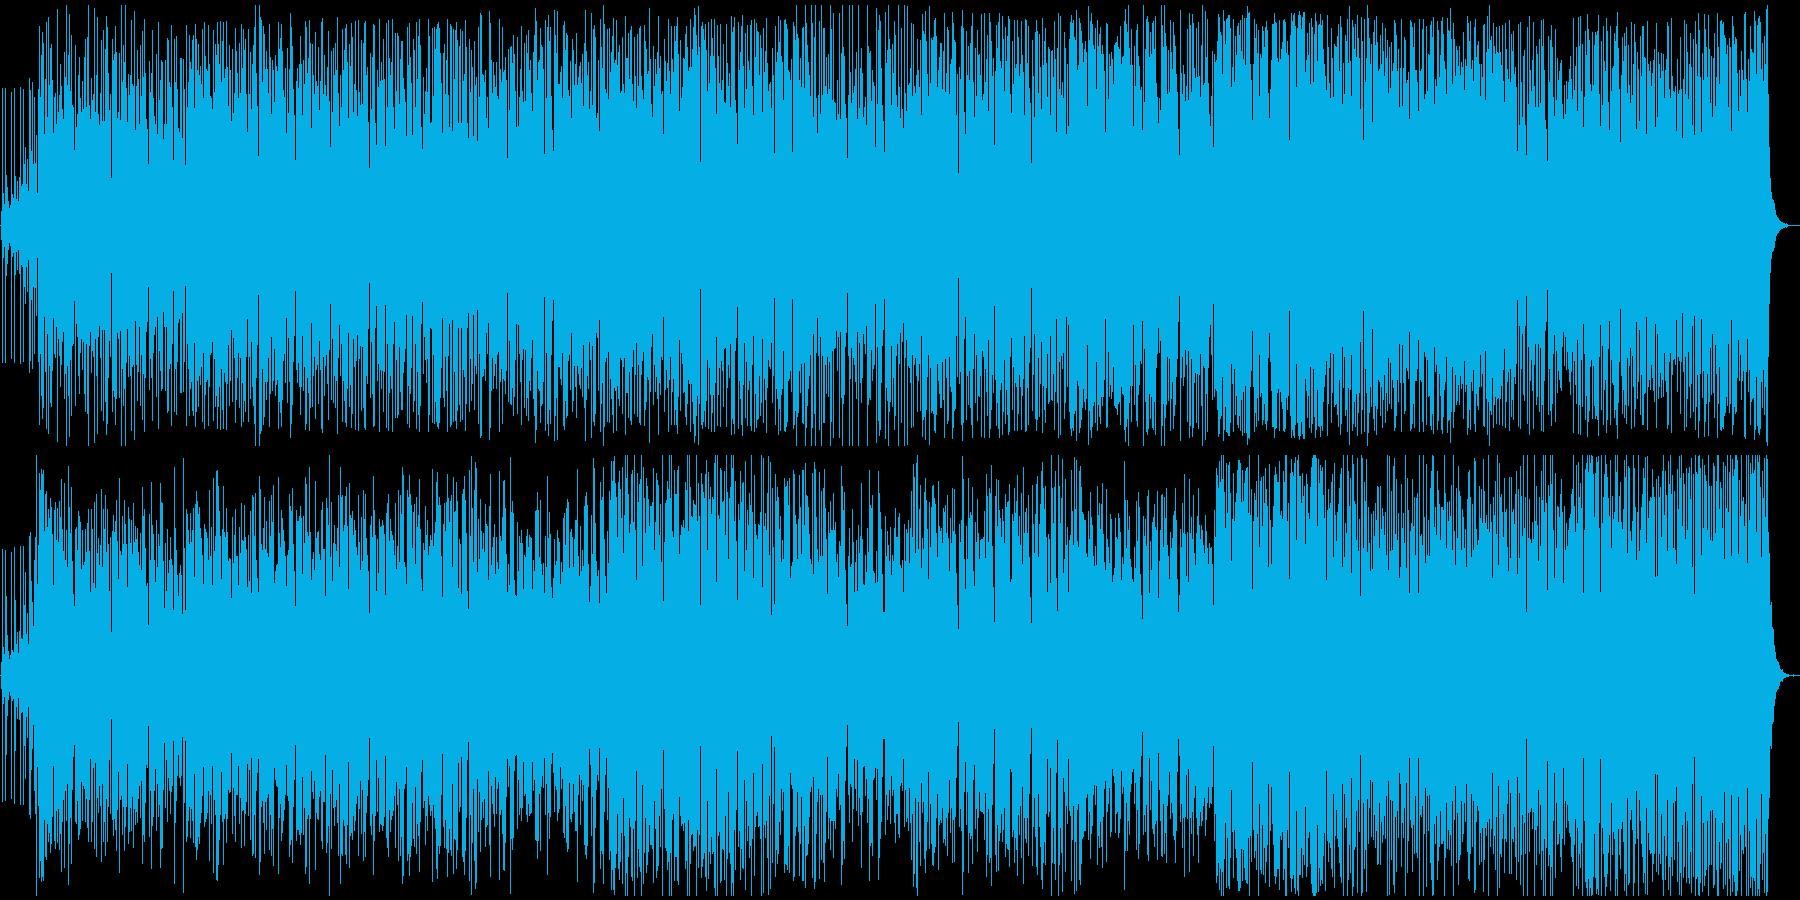 活動的で明るいイメージのBGMの再生済みの波形